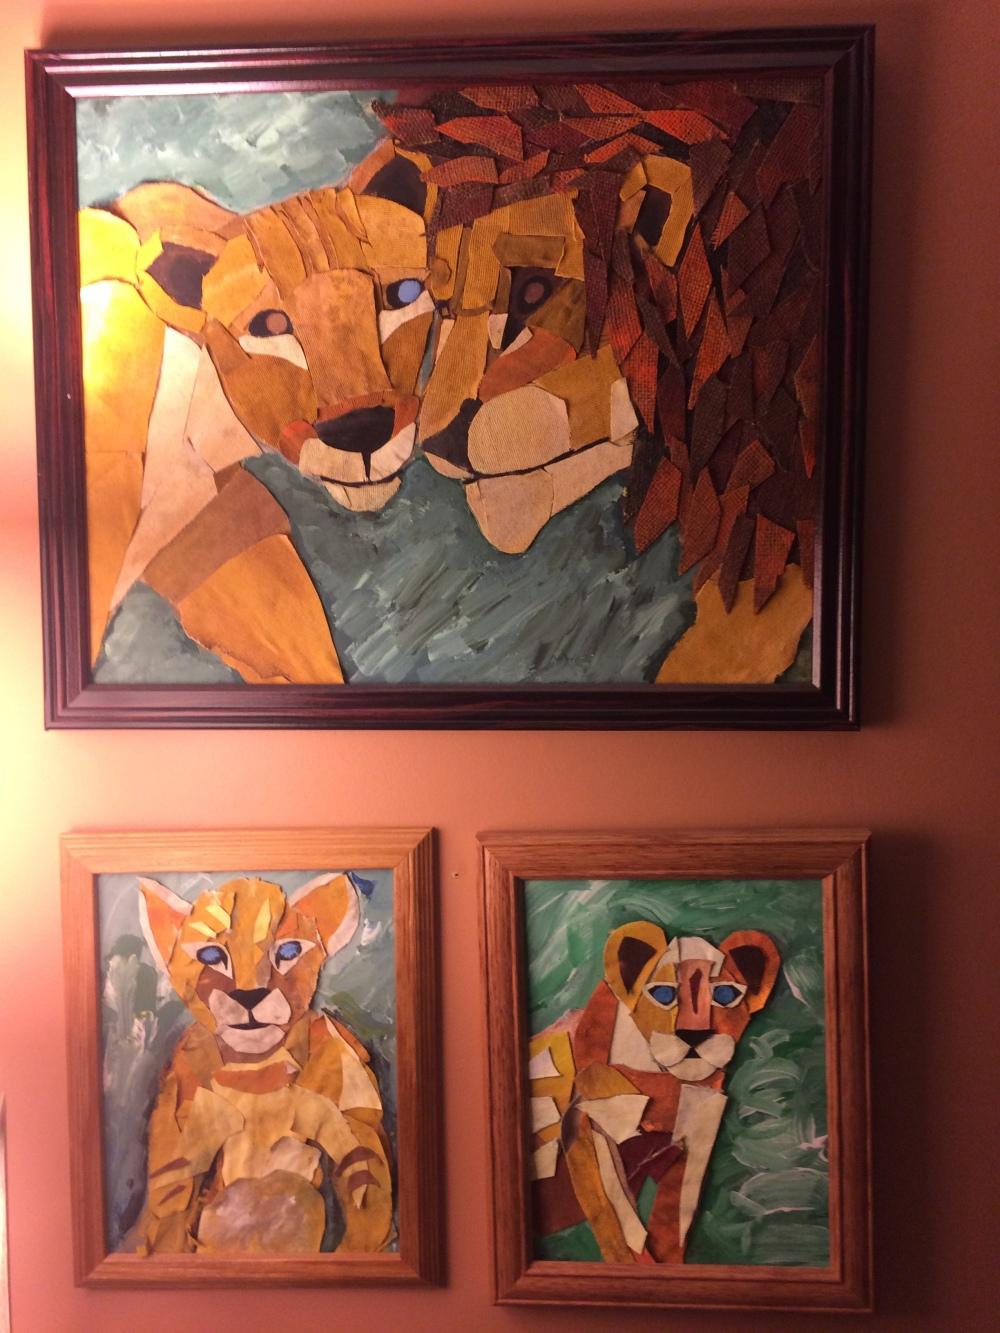 LionFamily